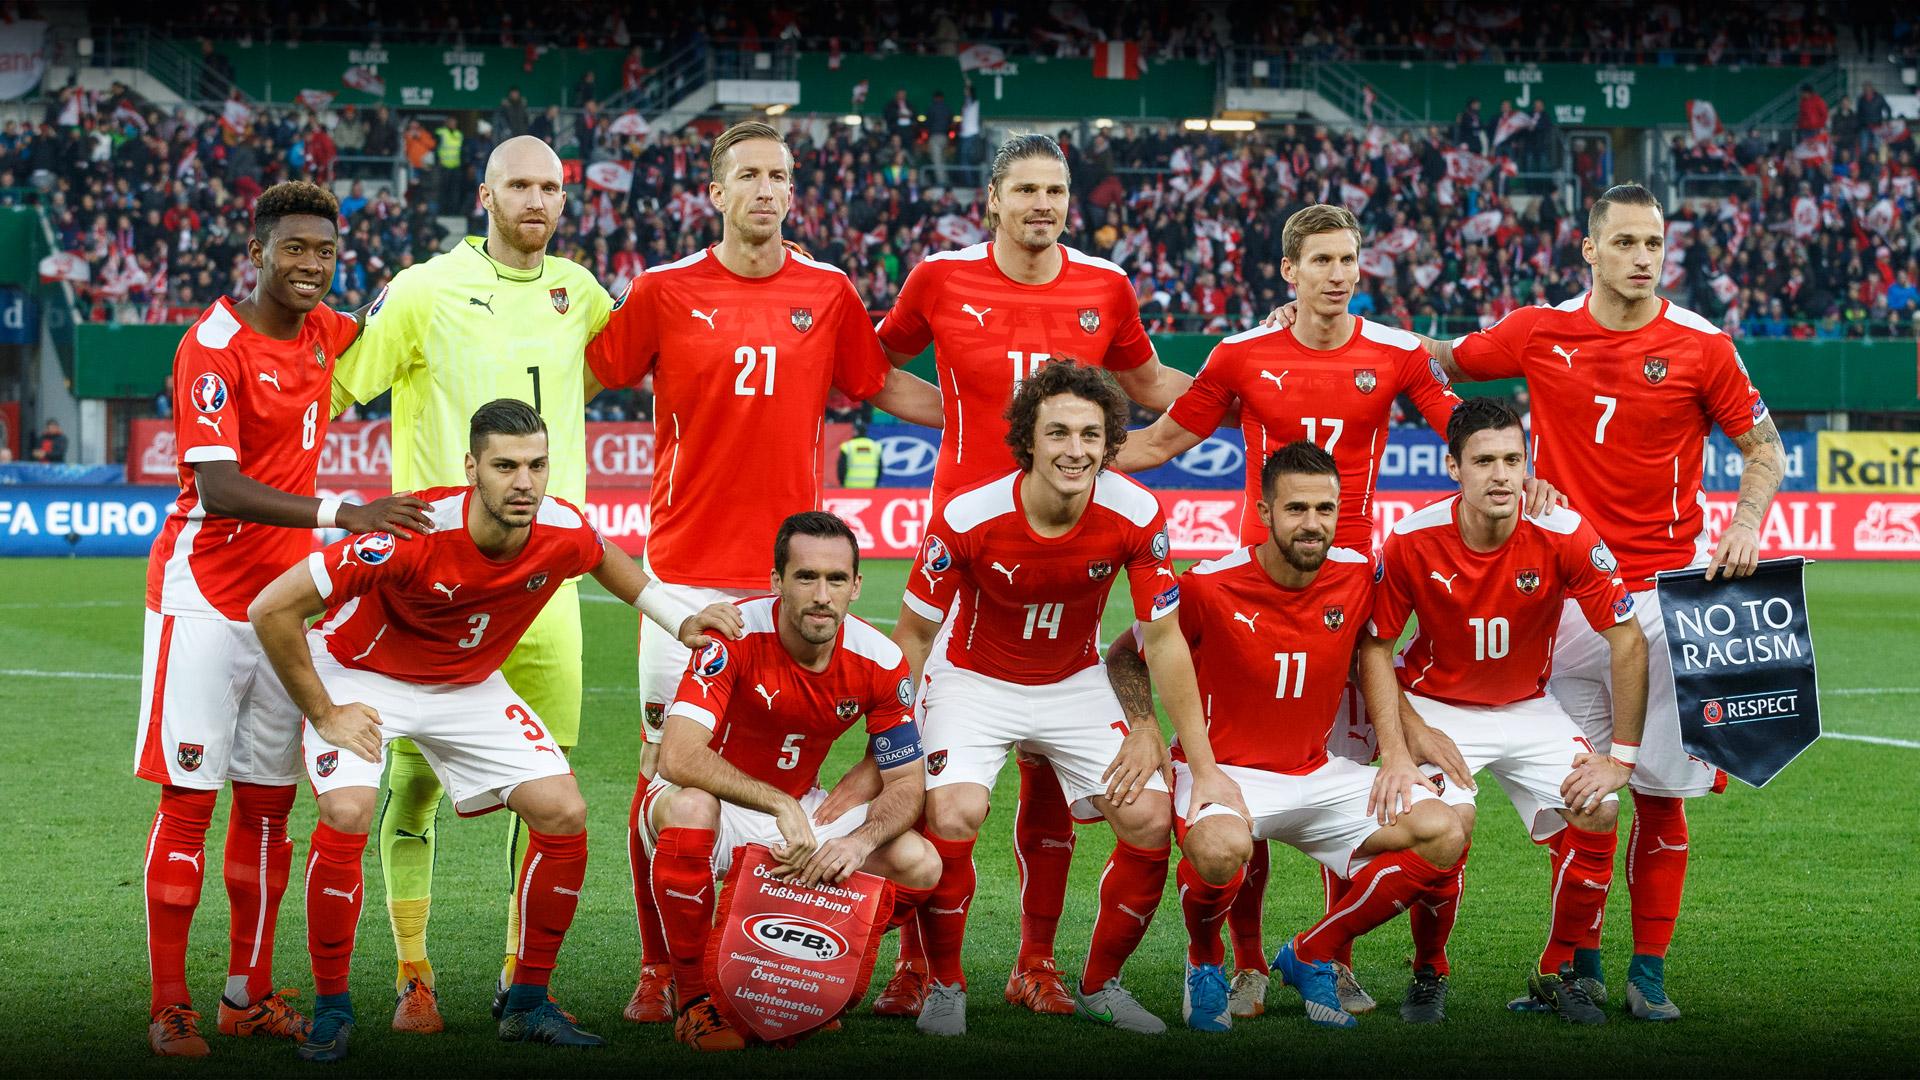 El resurgir de una selección austriaca por fin entre las mejores